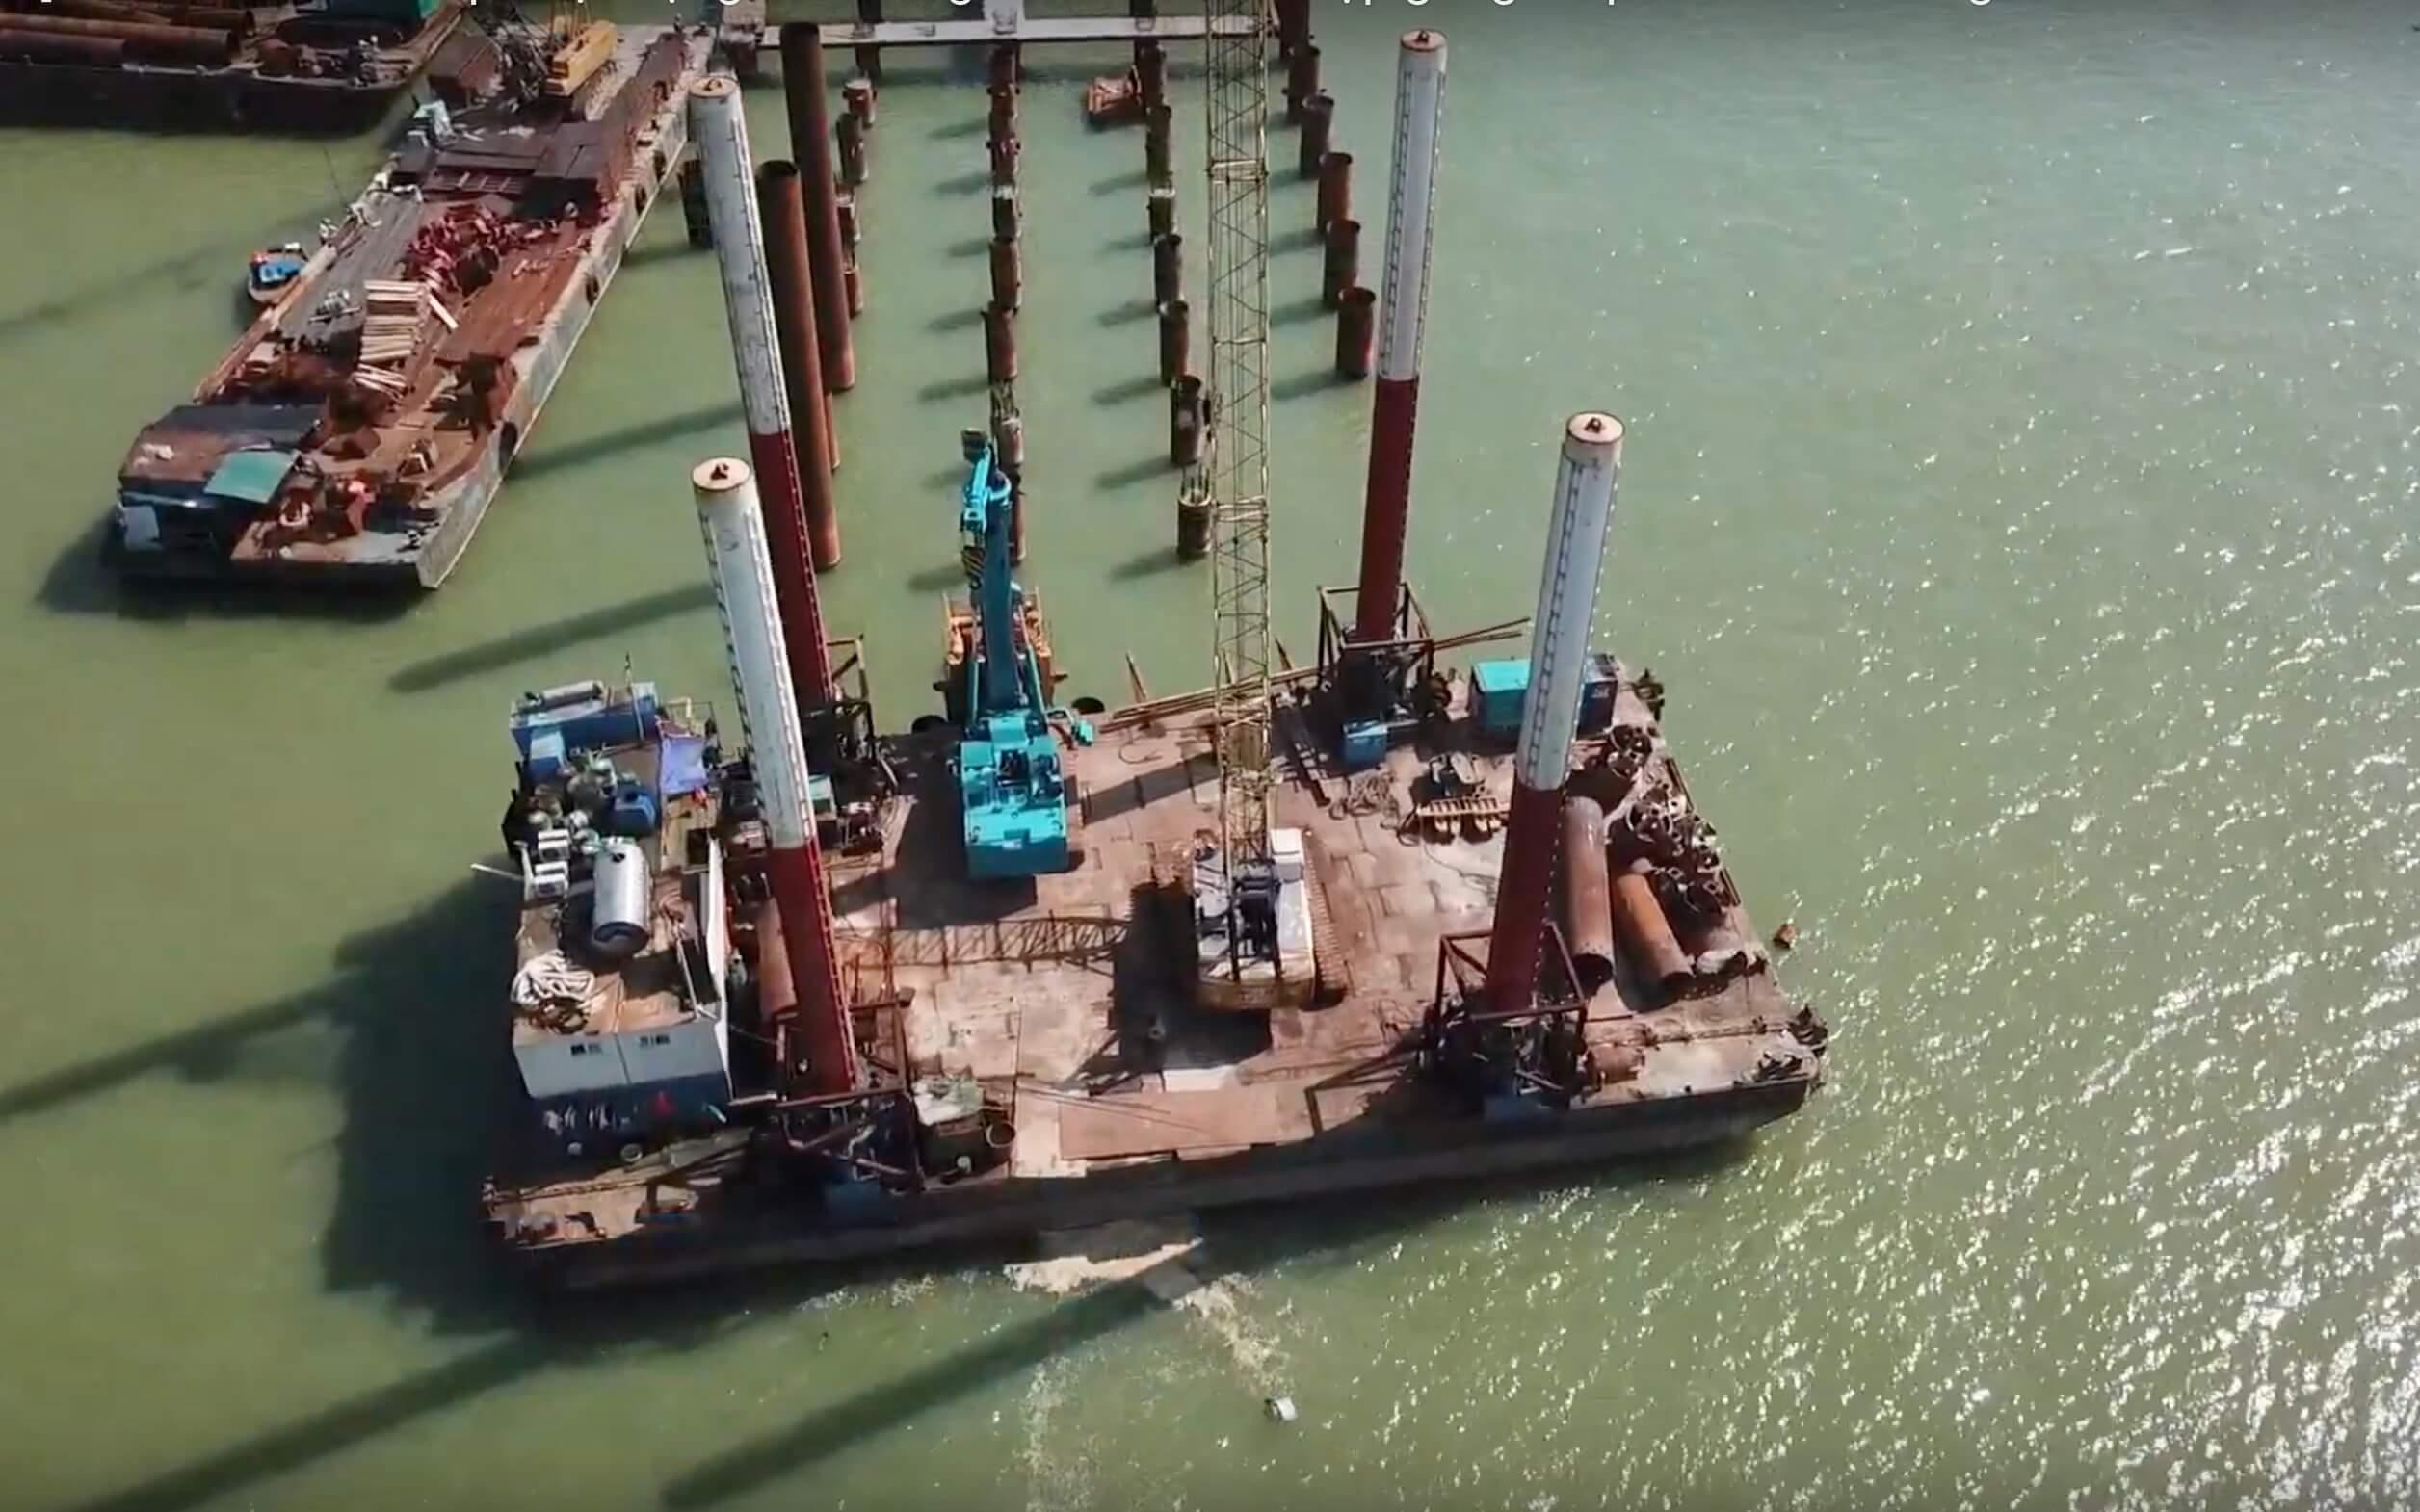 Tập đoàn xây dựng nền móng cho nhà máy thép Hòa Phát được giao dịch trên UPCoM - Ảnh 1.